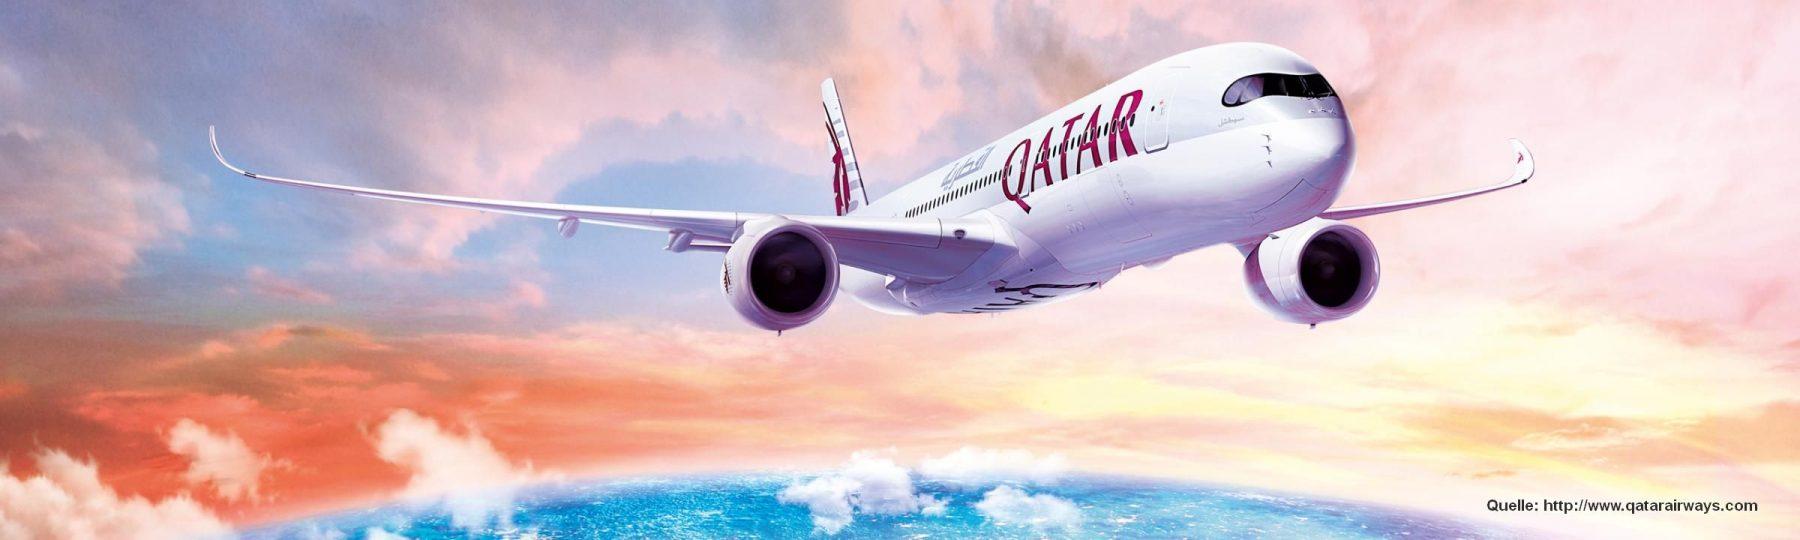 Bildquelle: www.qatarairways.com